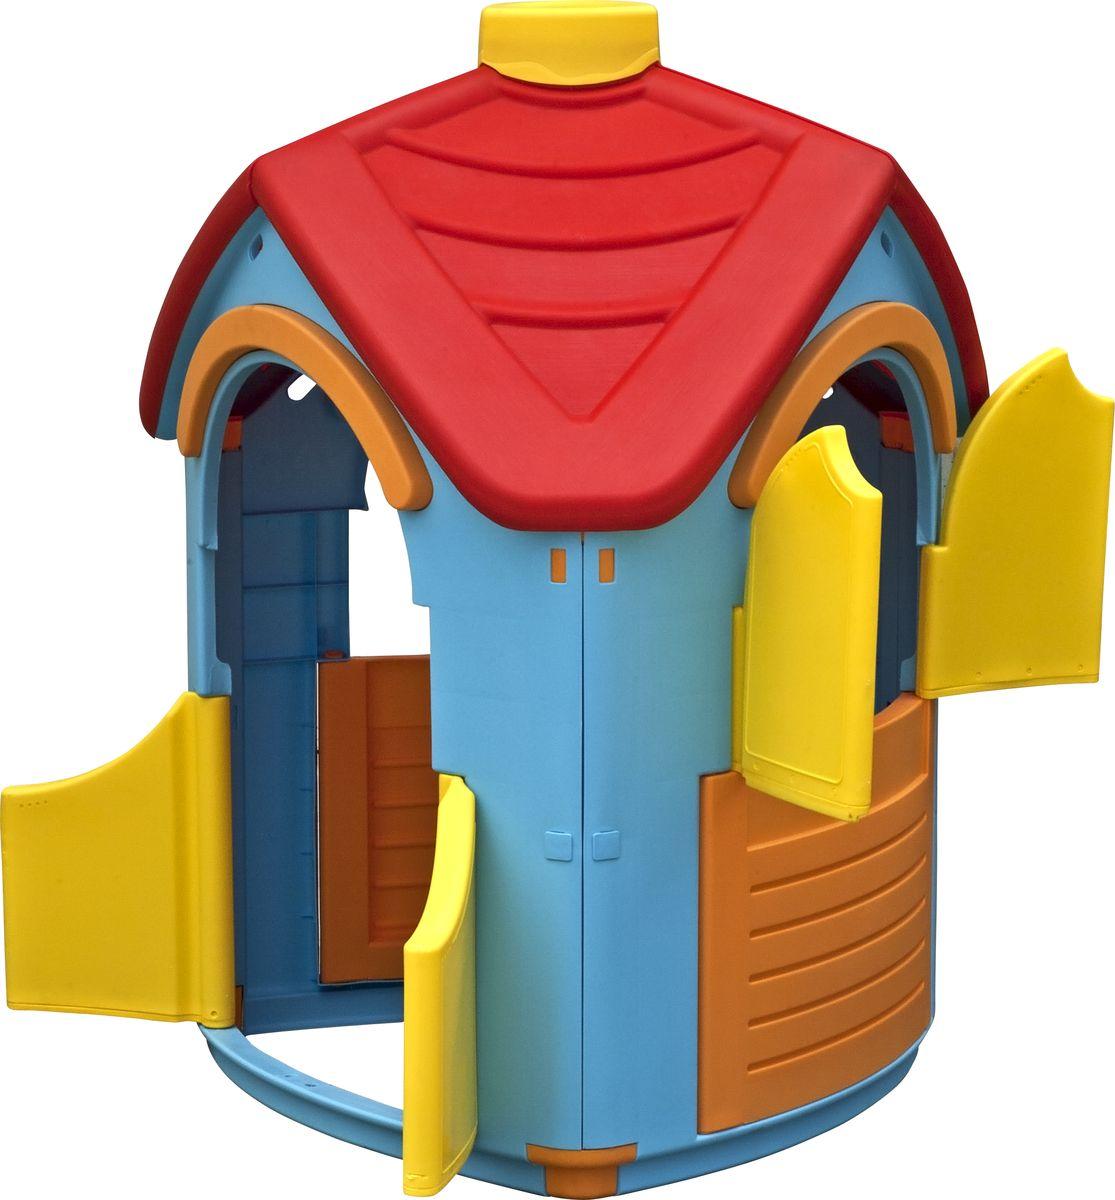 """Домик """"Вилла"""" – уникальная игрушка. В нем ребенок становится хозяином собственного «сказочного мира». В процессе игры малыш примеряет на себя различные социальные роли, тем самым происходит первичный процесс адаптации Когда ребенок играет с друзьями, у него улучшается коммуникативный процесс, что также важно для будущей жизни. Домик сделан из качественного пластика. Имеет красочный дизайн, имитирующий «реальный дом». Удобная конструкция позволяет легко собирать домик, а также без труда размещать его как в квартире, так и на природе. Детали домика соединяются и закрепляются специальными пластиковыми гайками, которые входят в комплект; конструкция домика очень надёжная и устойчивая; вход с двумя дверками, при закрывании фиксирующимися снизу; два больших окошка, одно со ставенками, при закрывании фиксирующиеся снизу."""